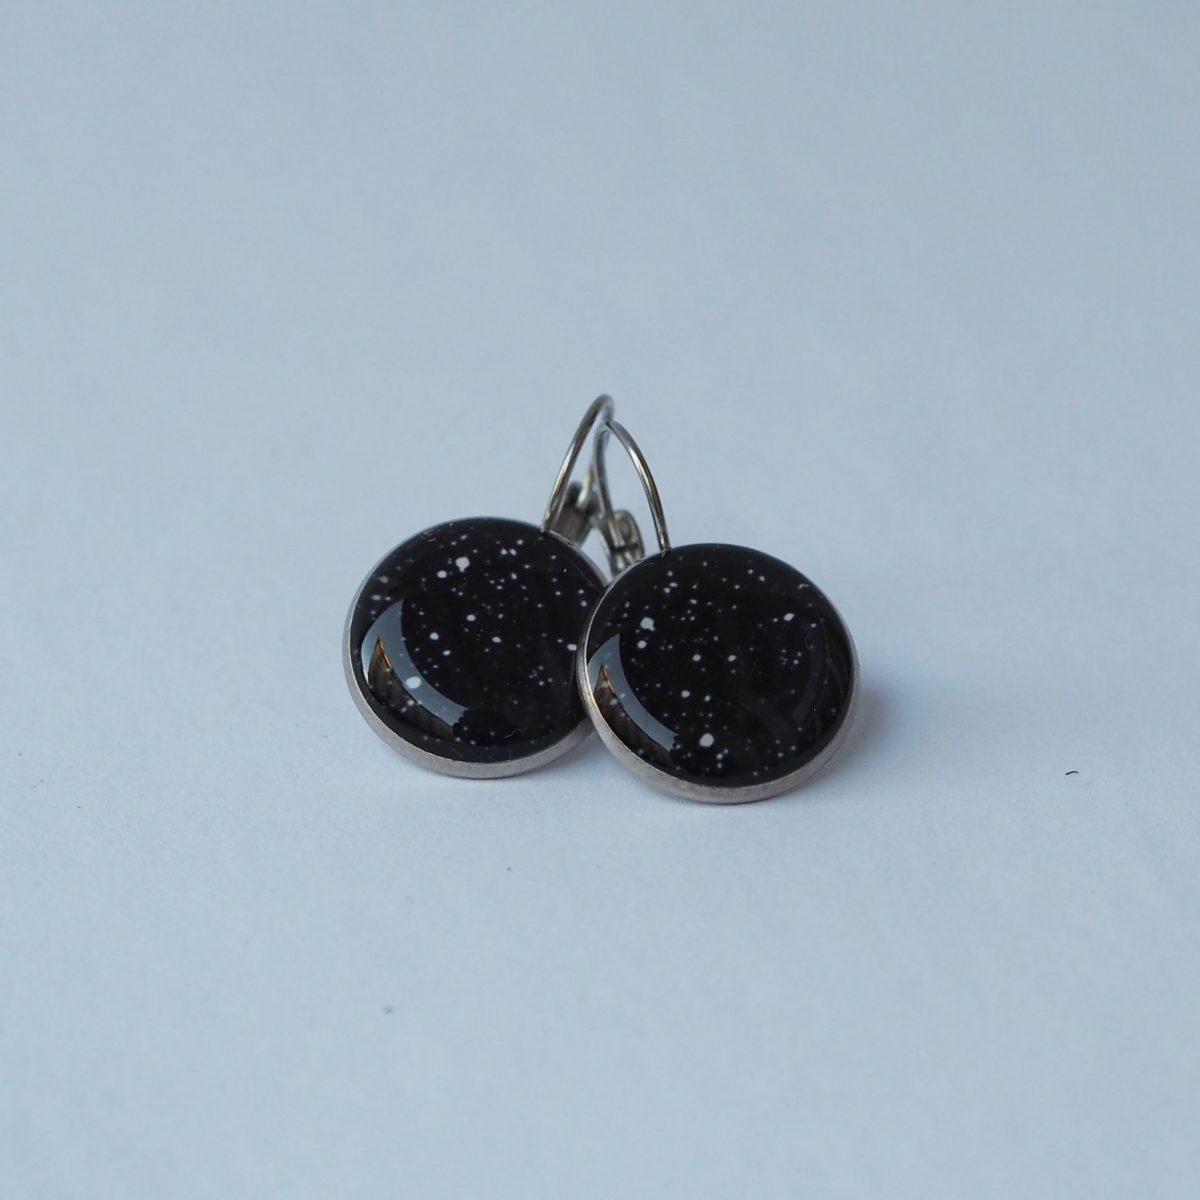 Náušnice černé s puntíky